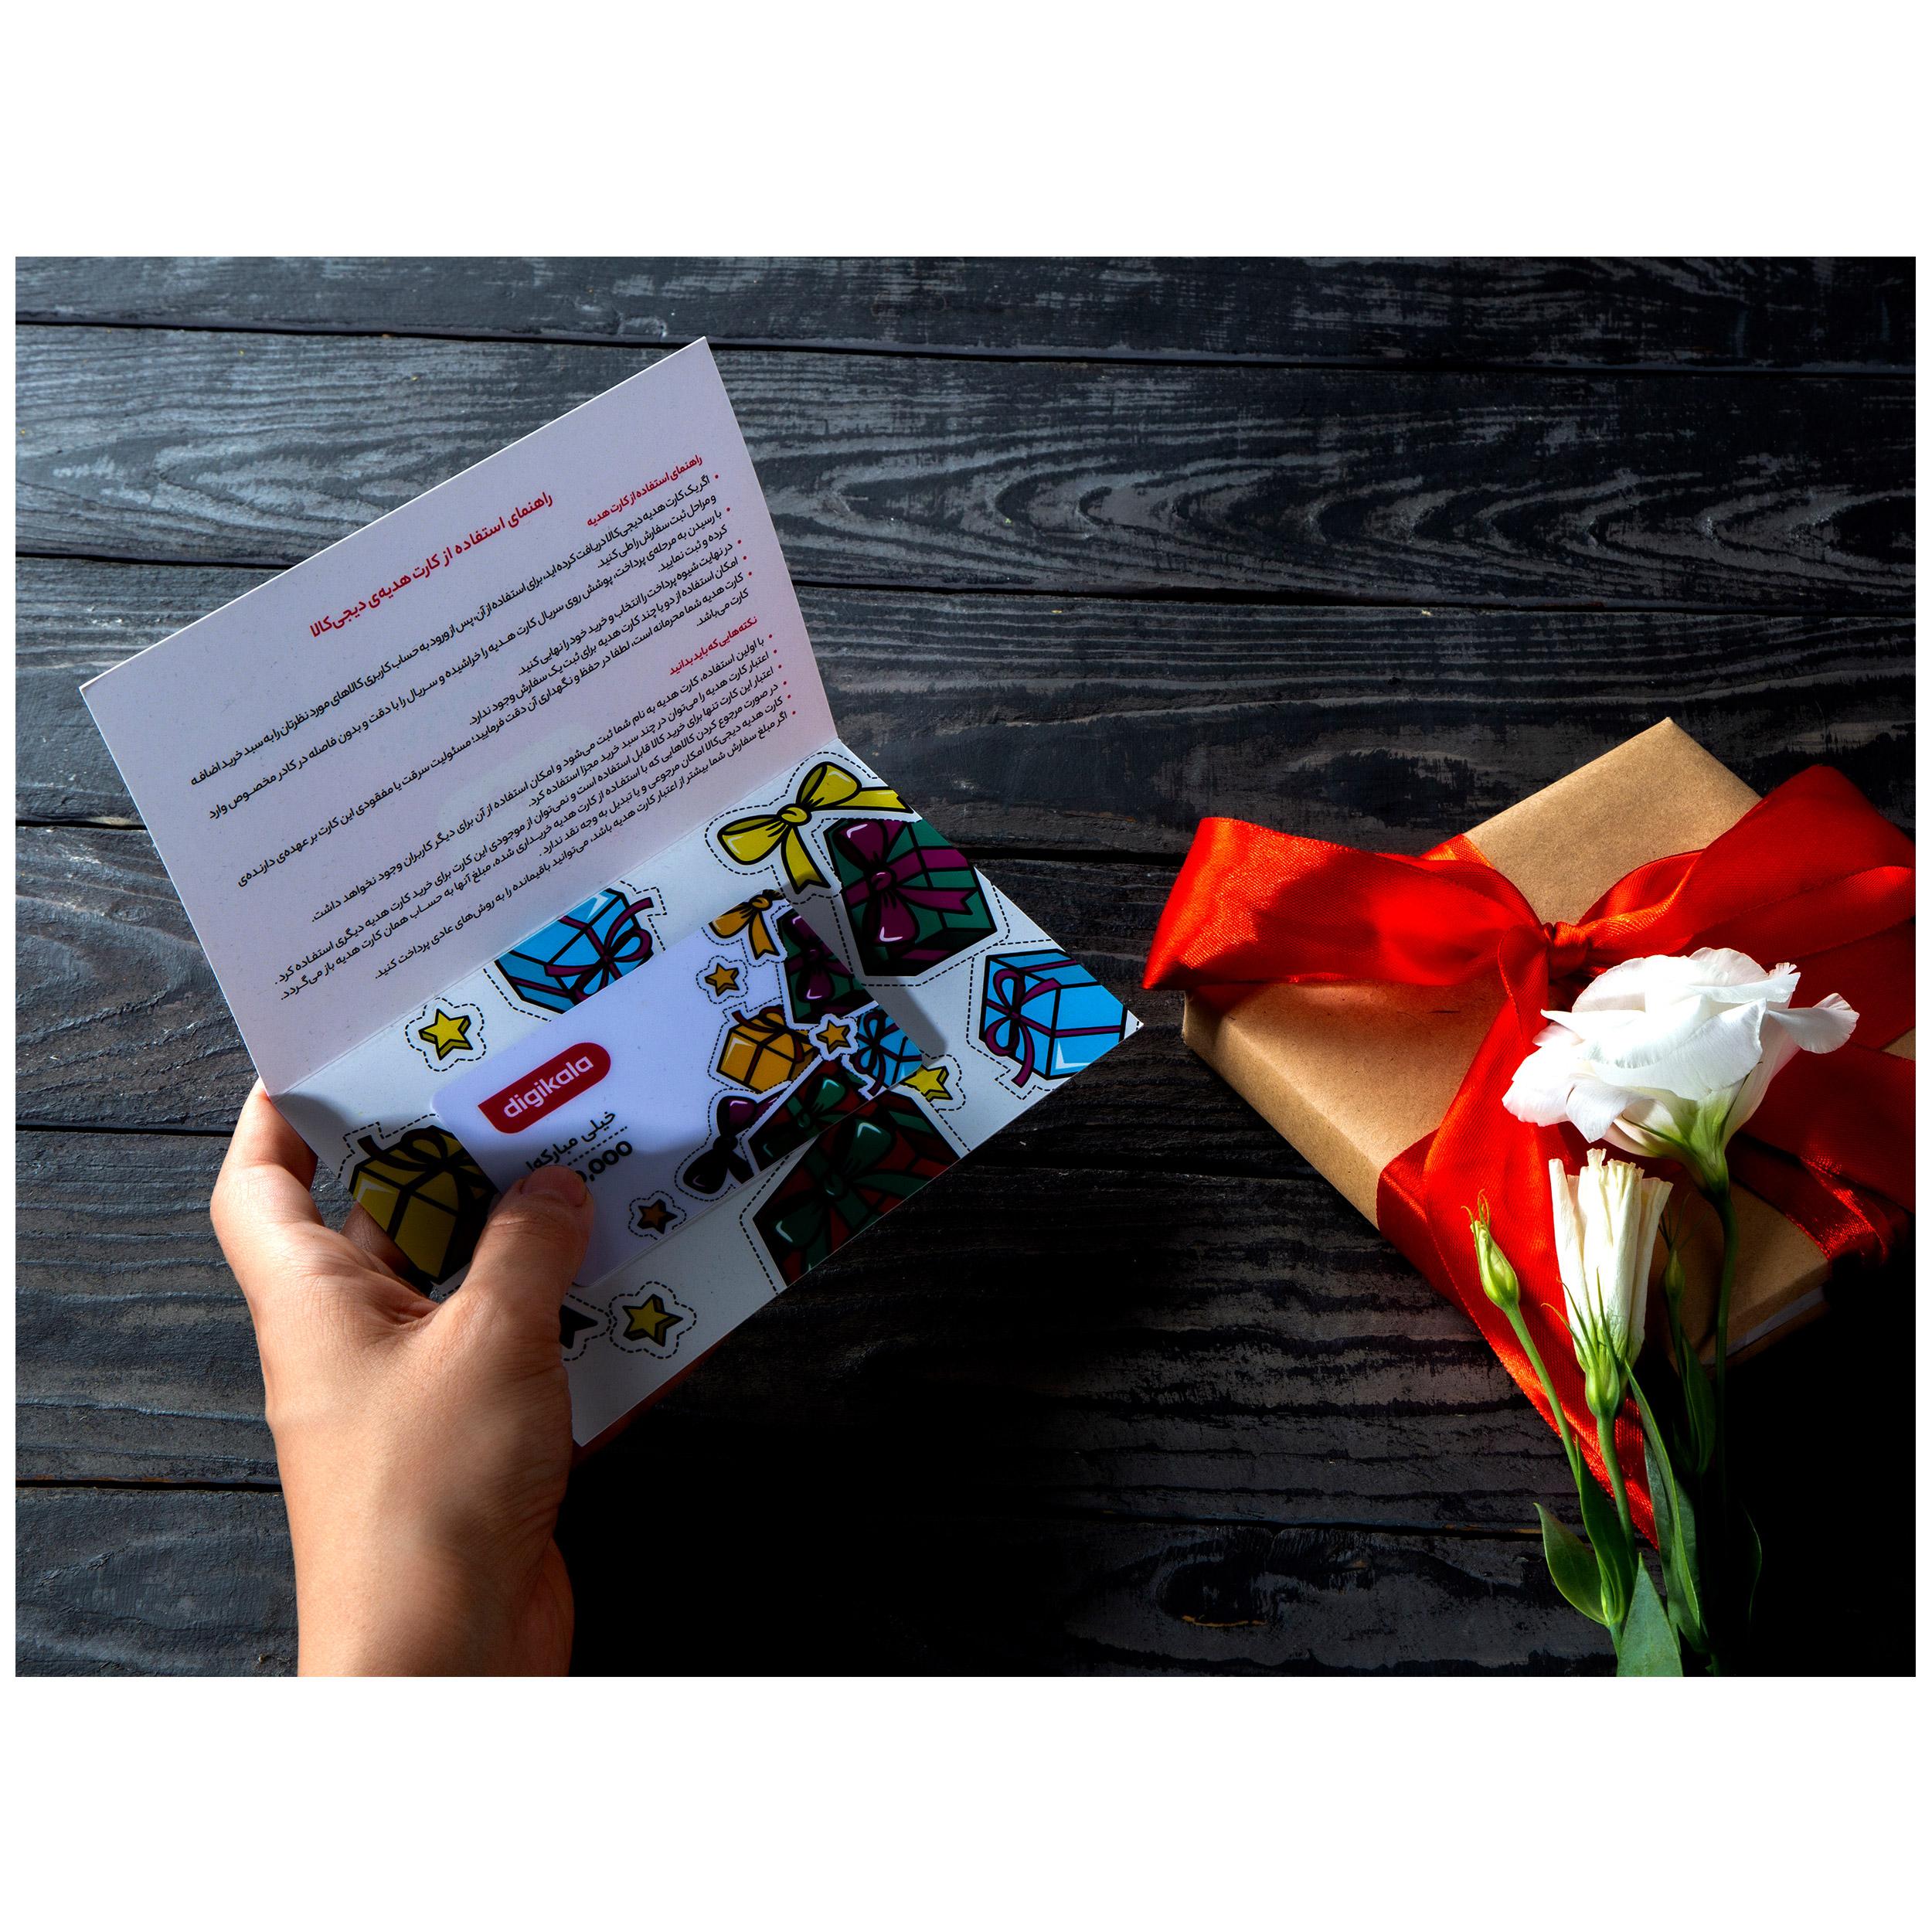 کارت هدیه دیجی کالا به ارزش 150,000 تومان طرح مبارک main 1 4